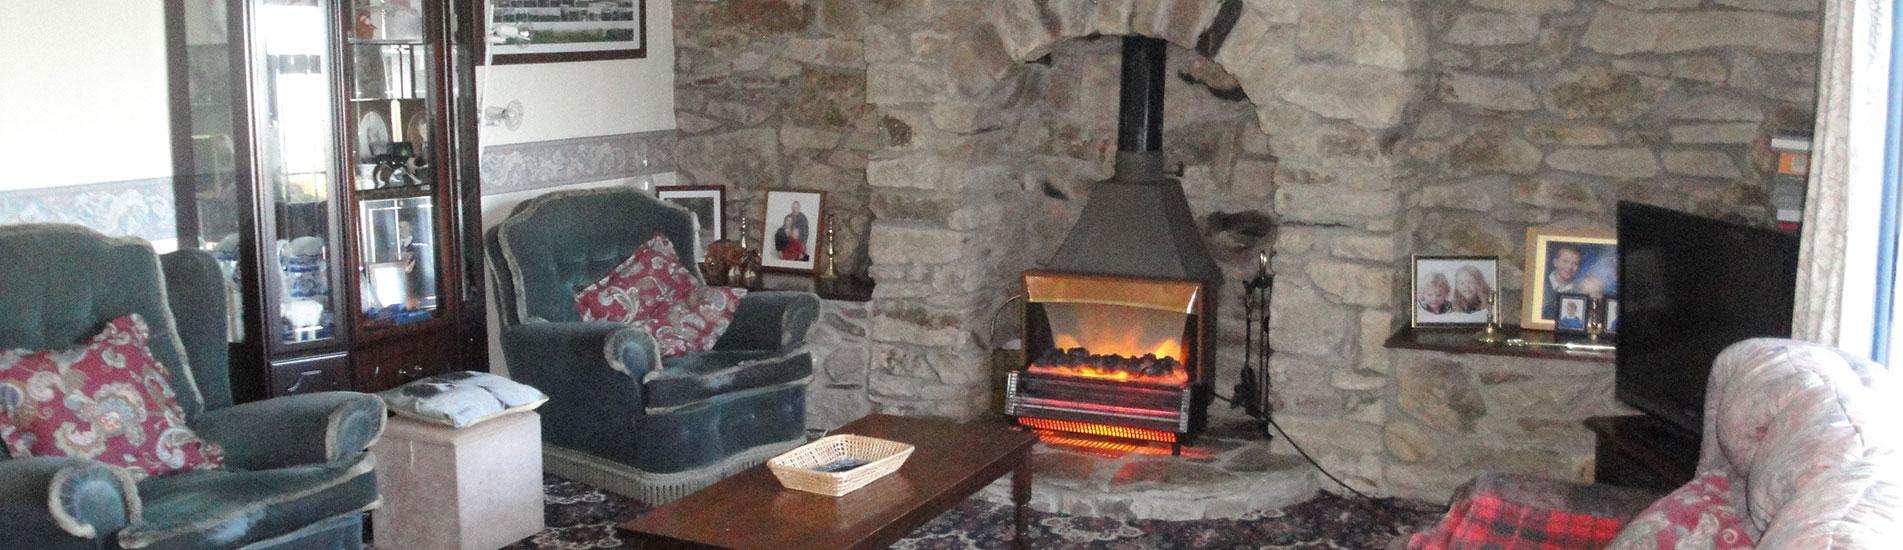 Kimbland Farm Lounge with Sky TV and Wood Burner